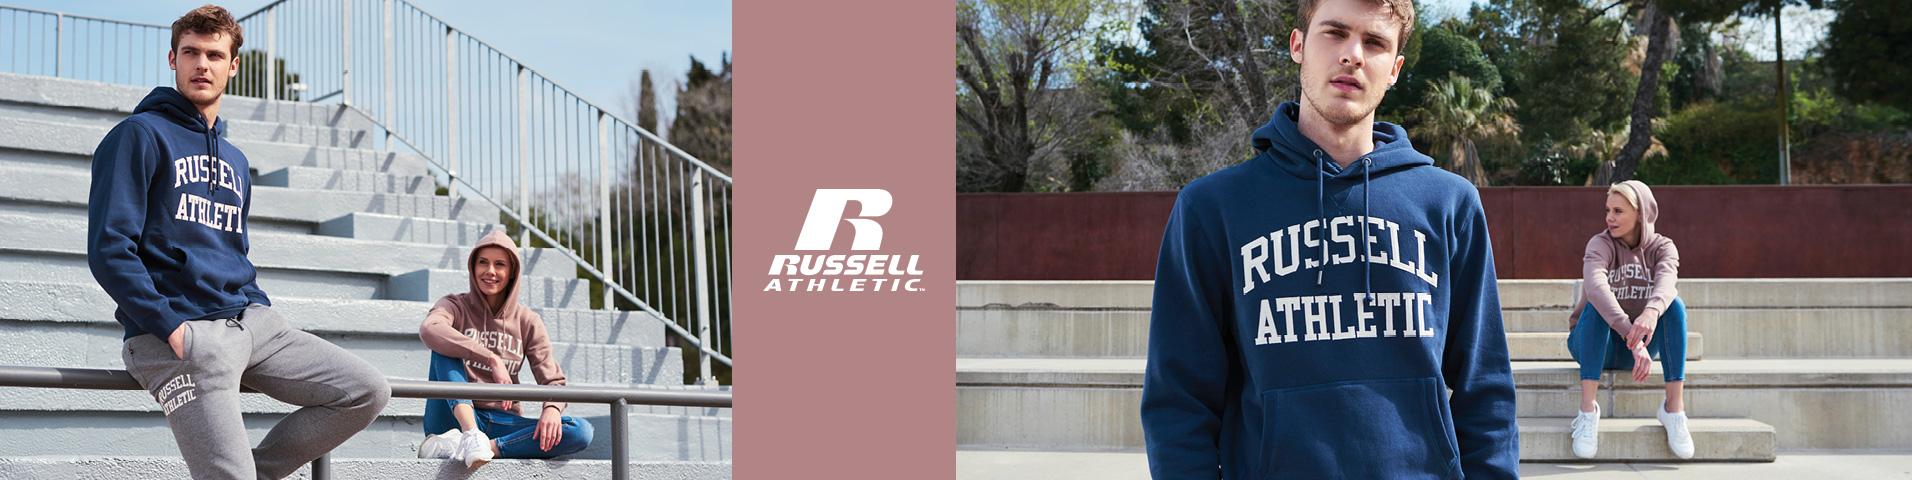 Ropa y zapatos online de Russell Athletic · HombreNiño 2c2860f88c69f